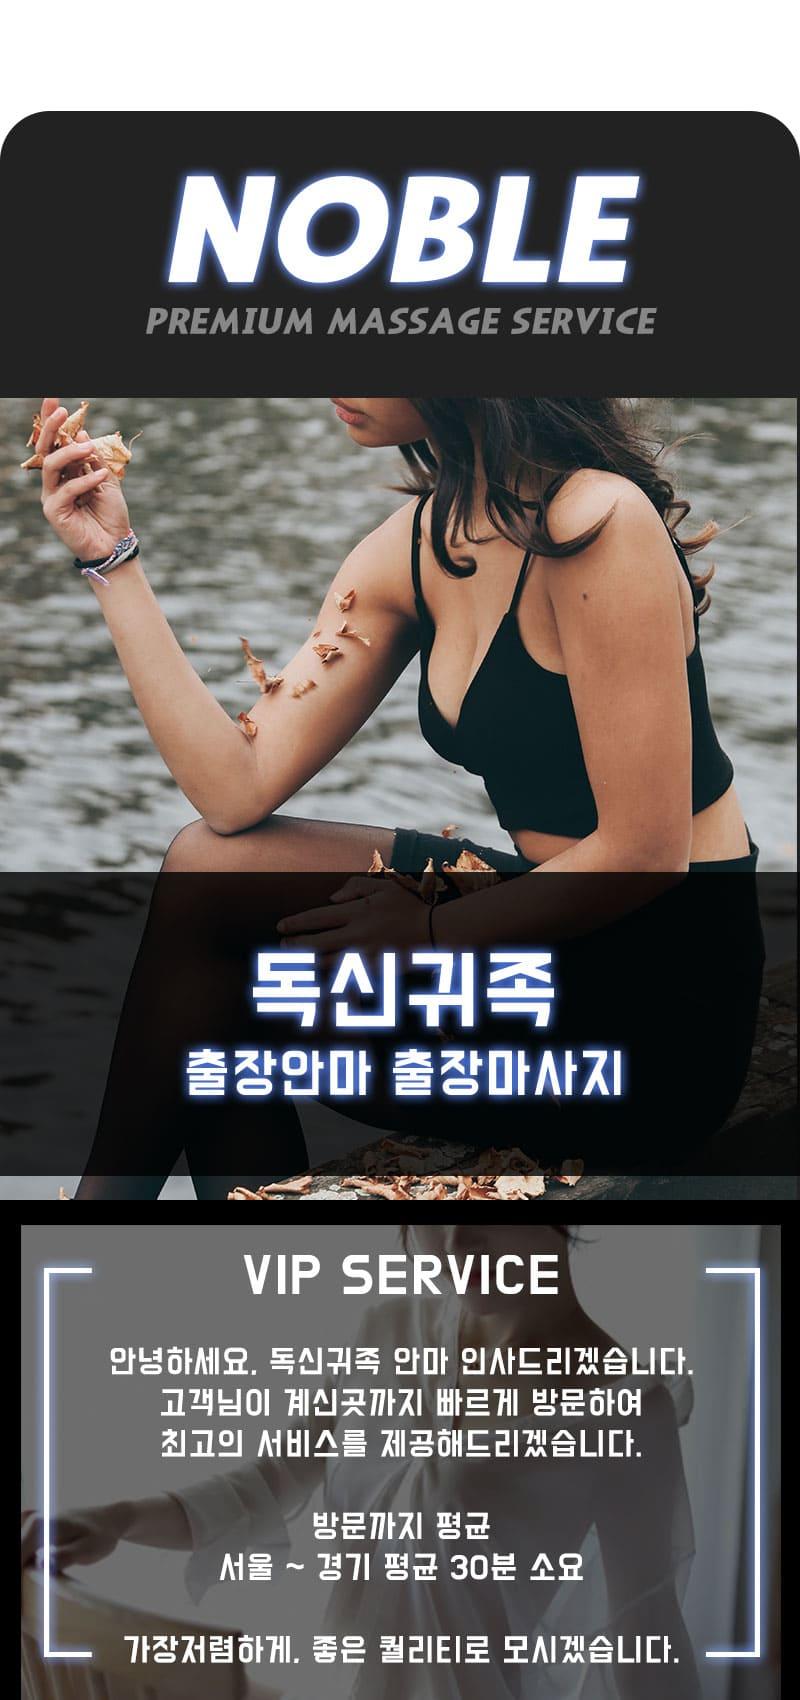 응암동출장안마 소개